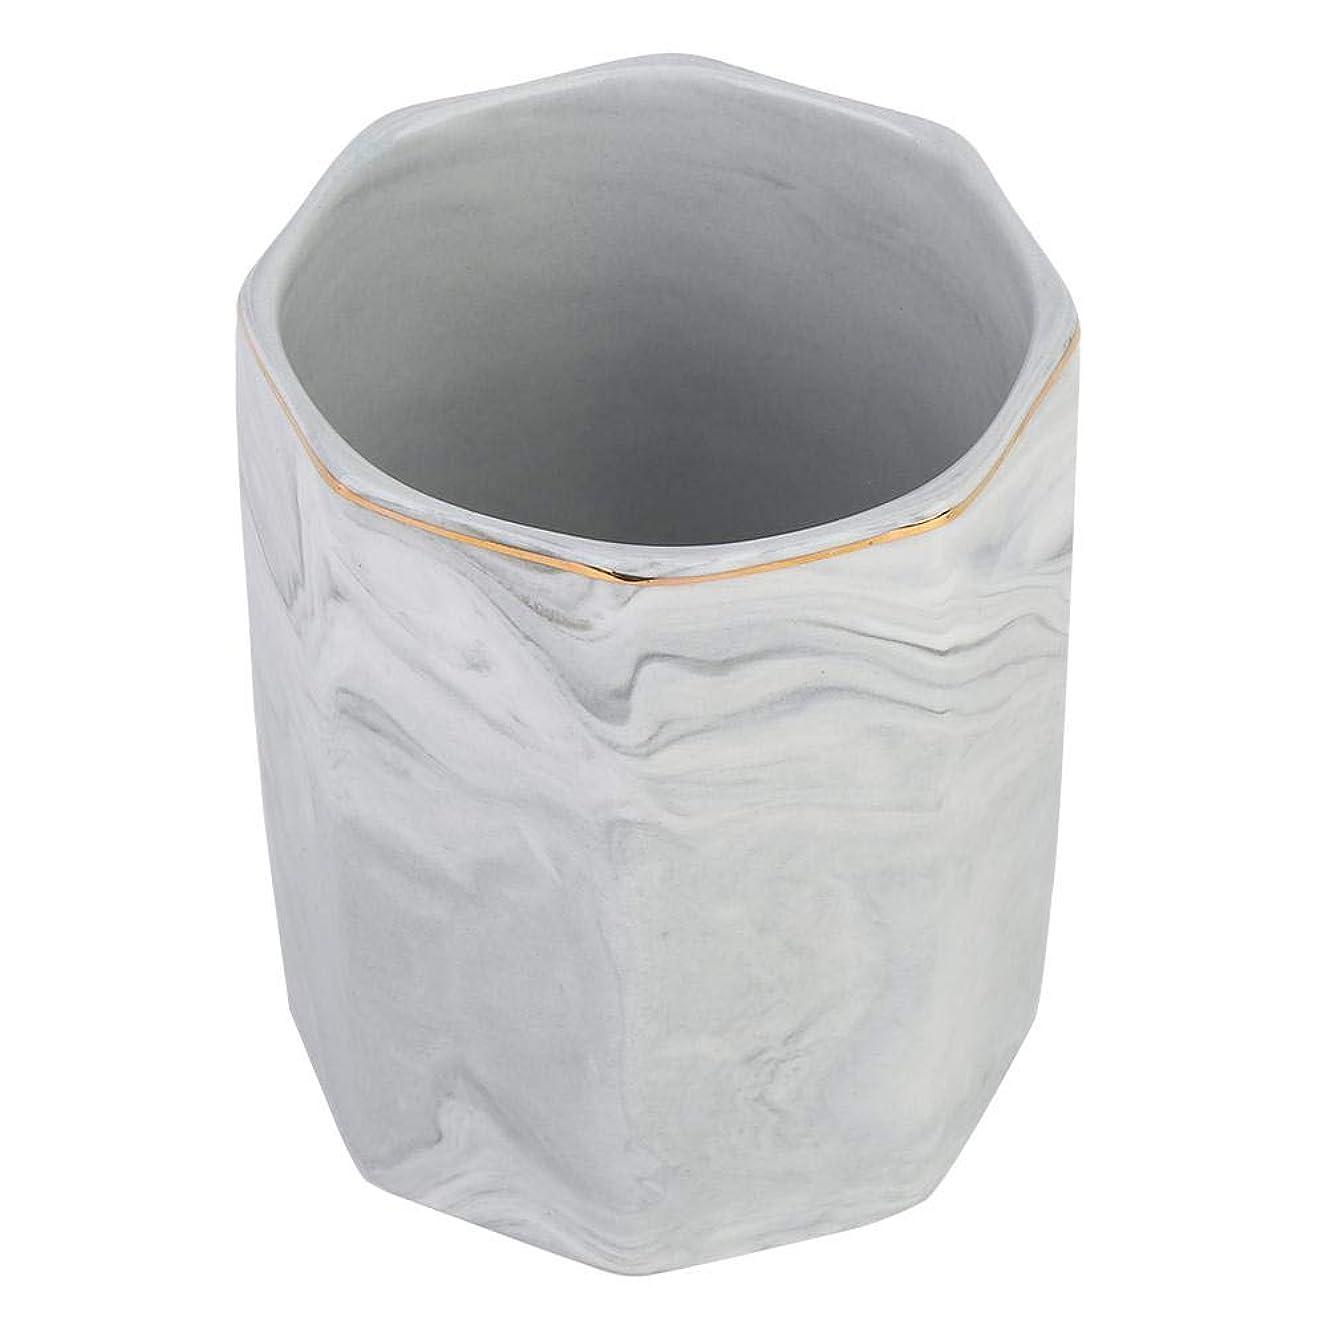 ブローコカインアグネスグレイ化粧ブラシホルダー、ネイルアートツールホルダーとゴールドエッジの霜降り収納ケース(グレー)